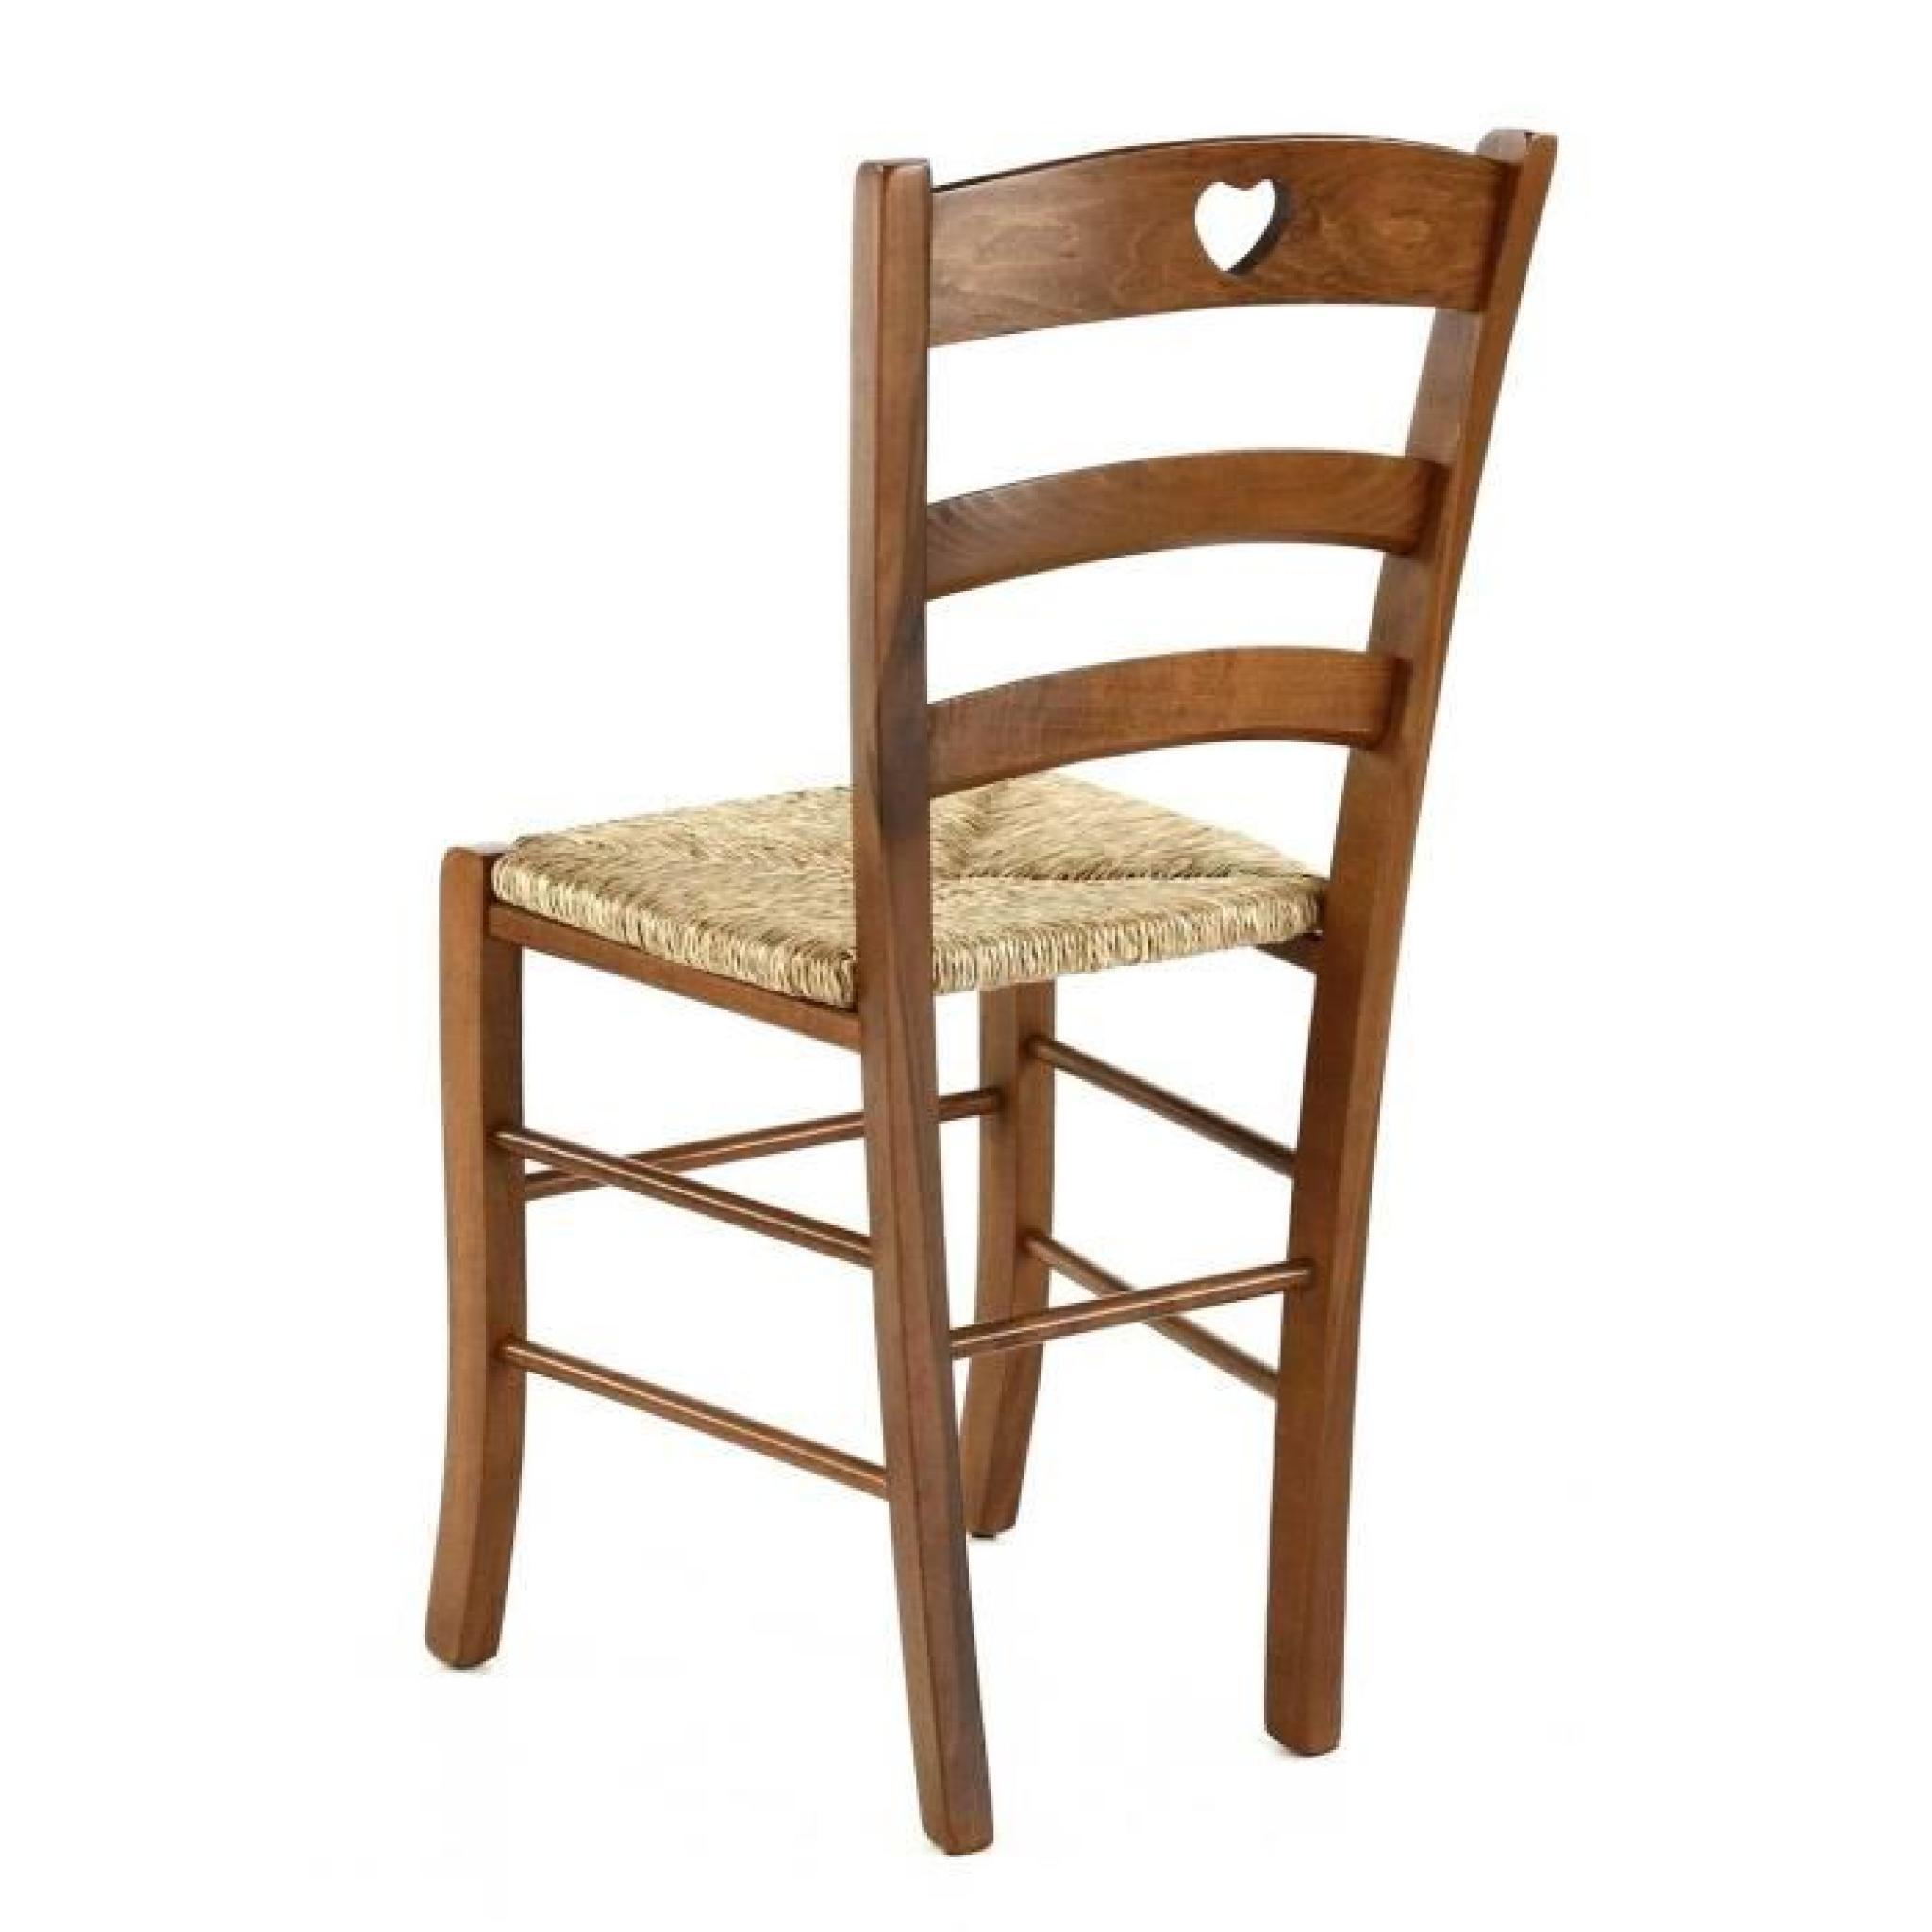 massif assise paille x Pays Chaise 2 hêtre cœur Montagny mn80vNwO